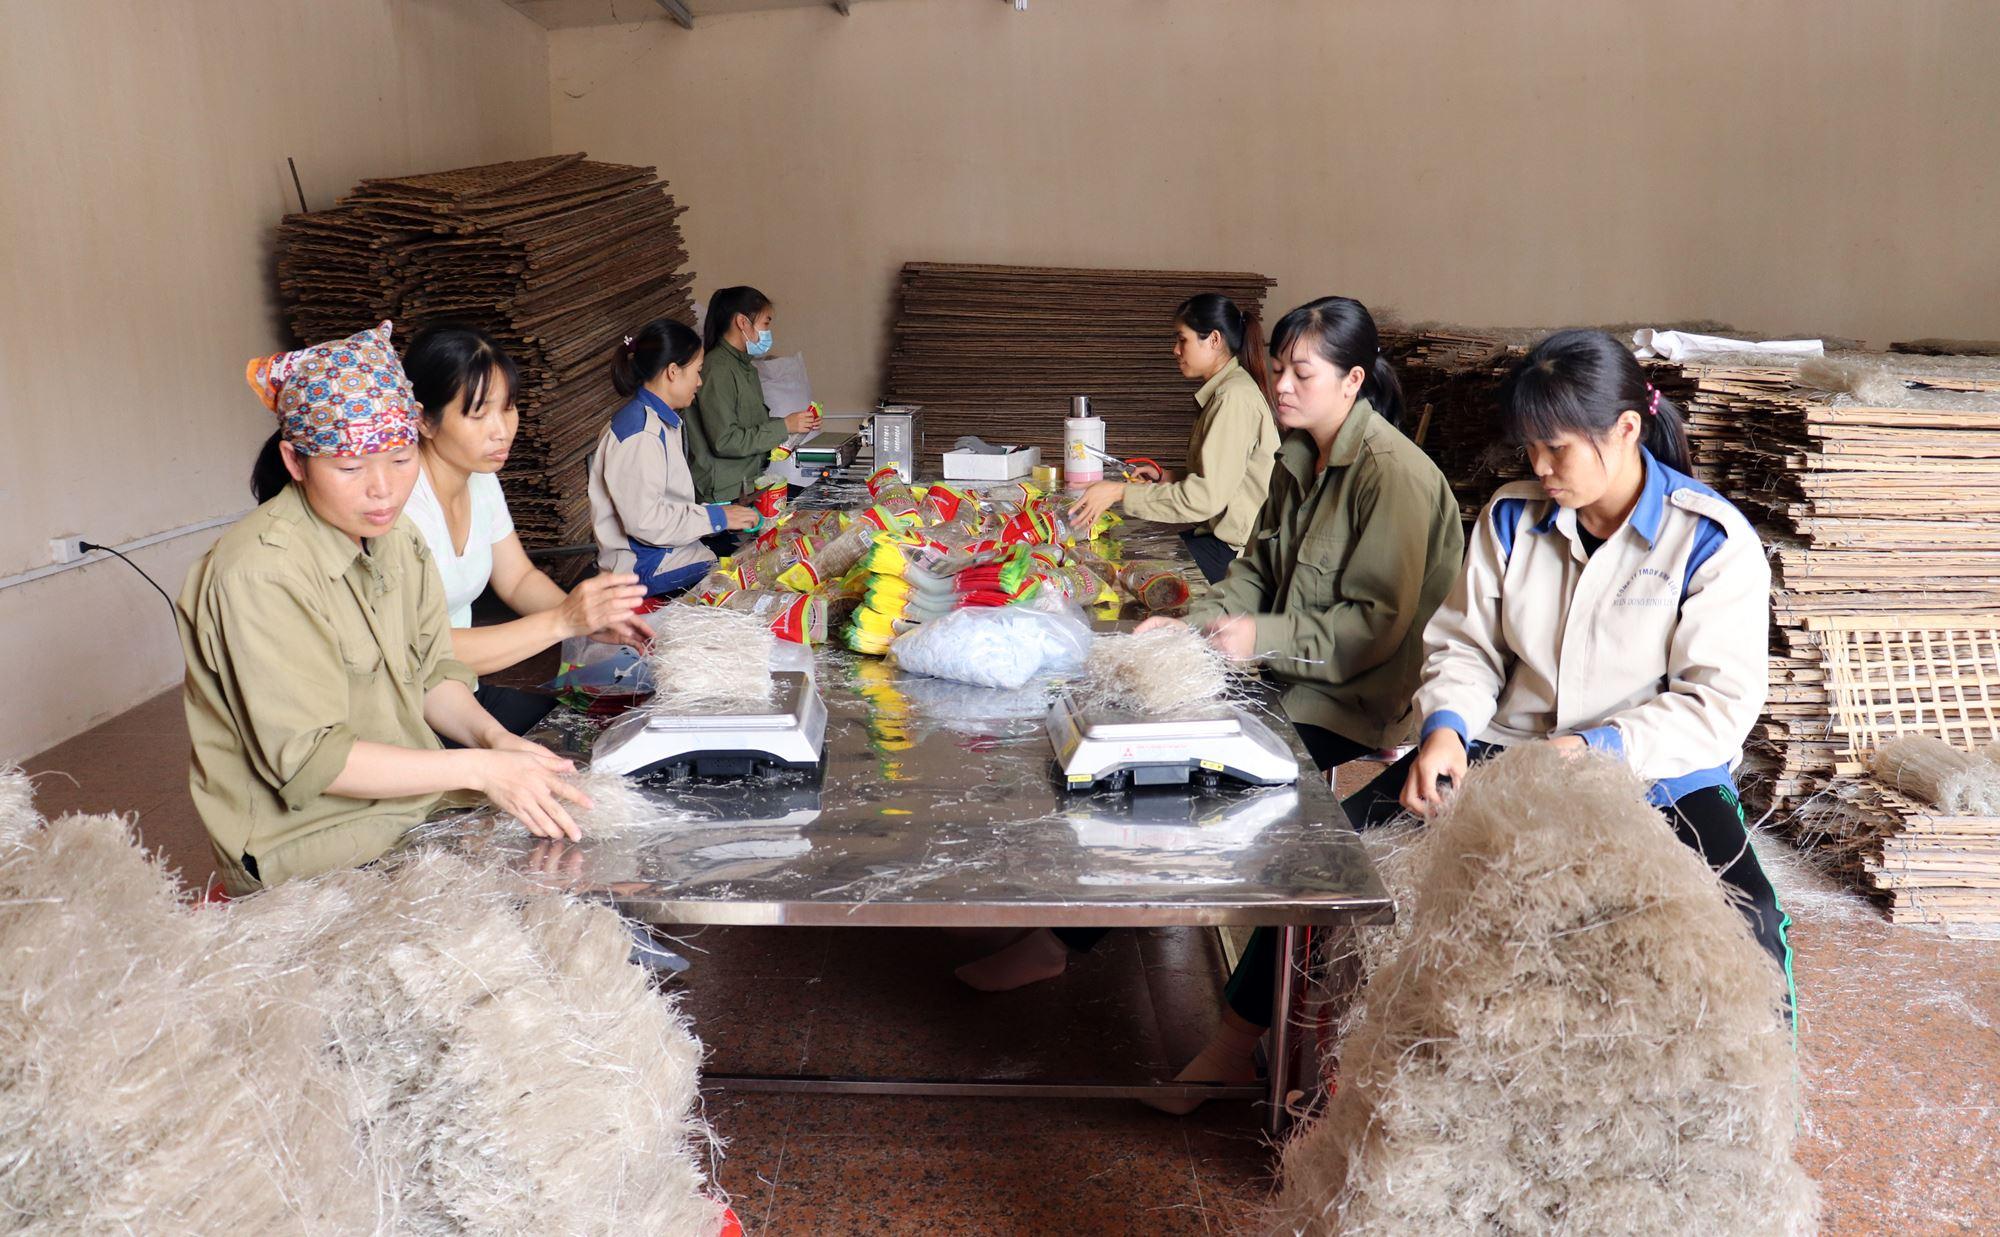 Miến dong Bình Liêu là một trong những sản phẩm OCOP giúp đồng vùng DTTS, miền núi thoát nghèo.